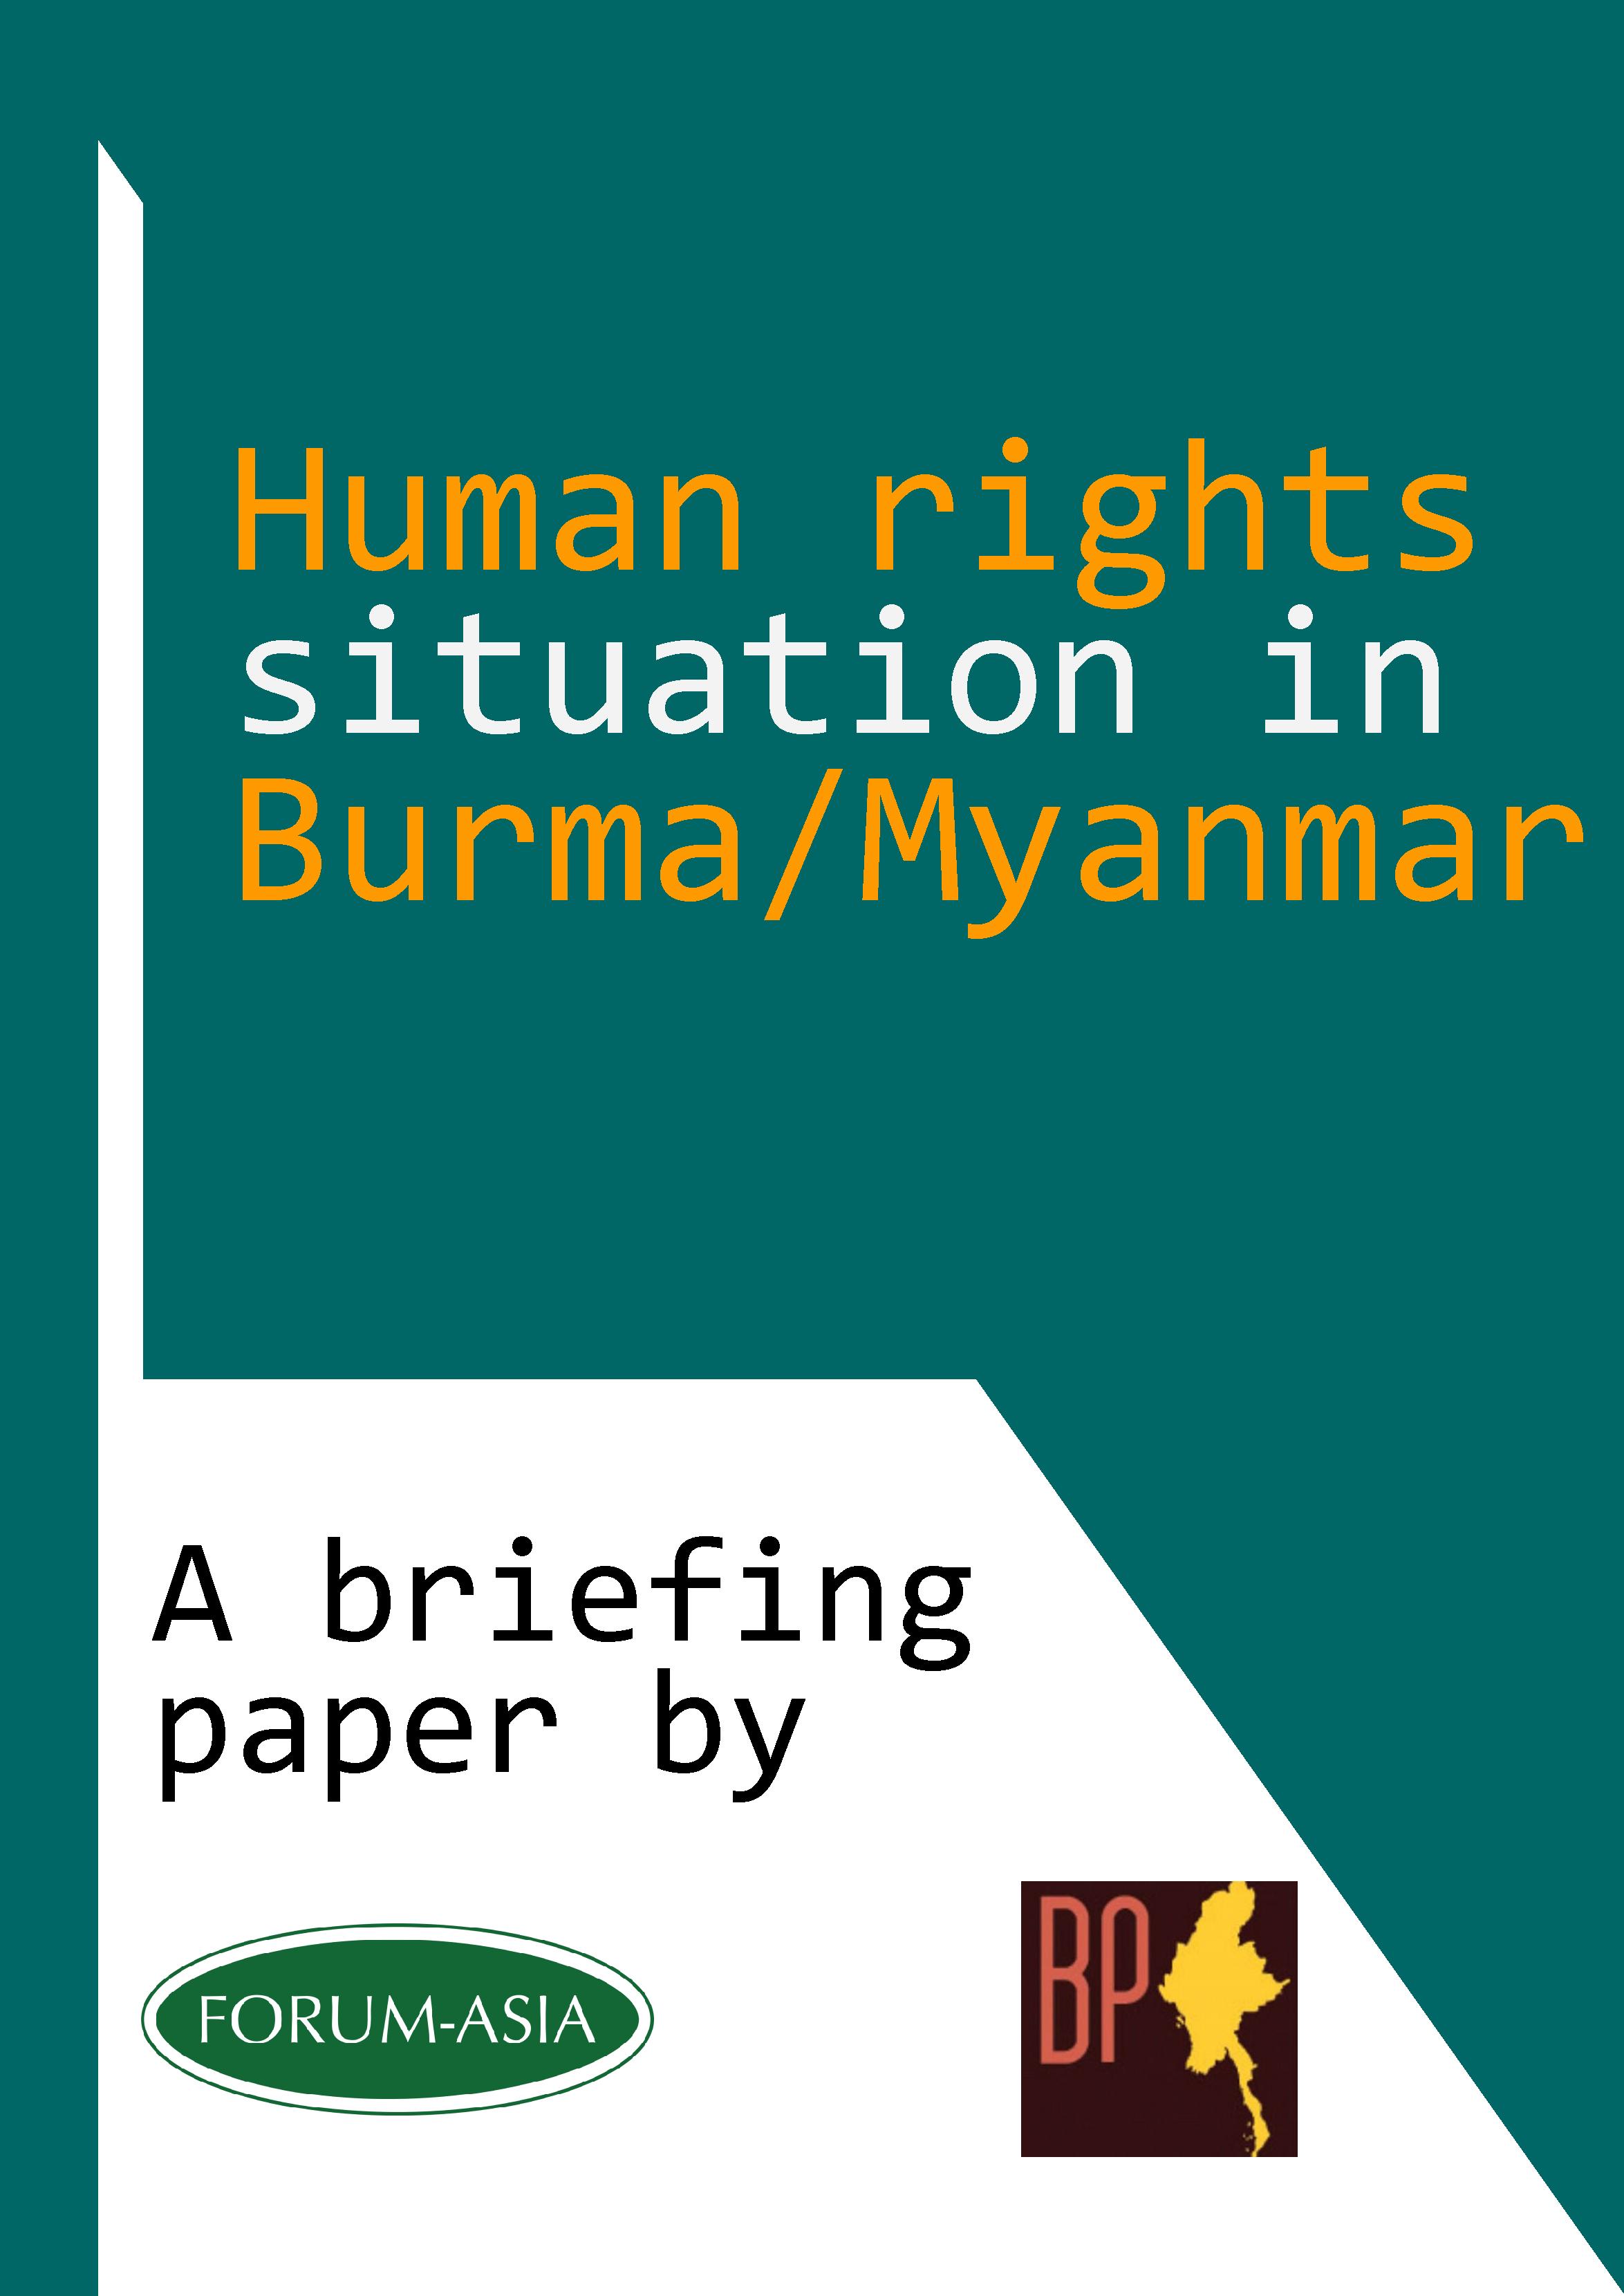 Briefing Paper UNA Burma HRC31 (Cover)